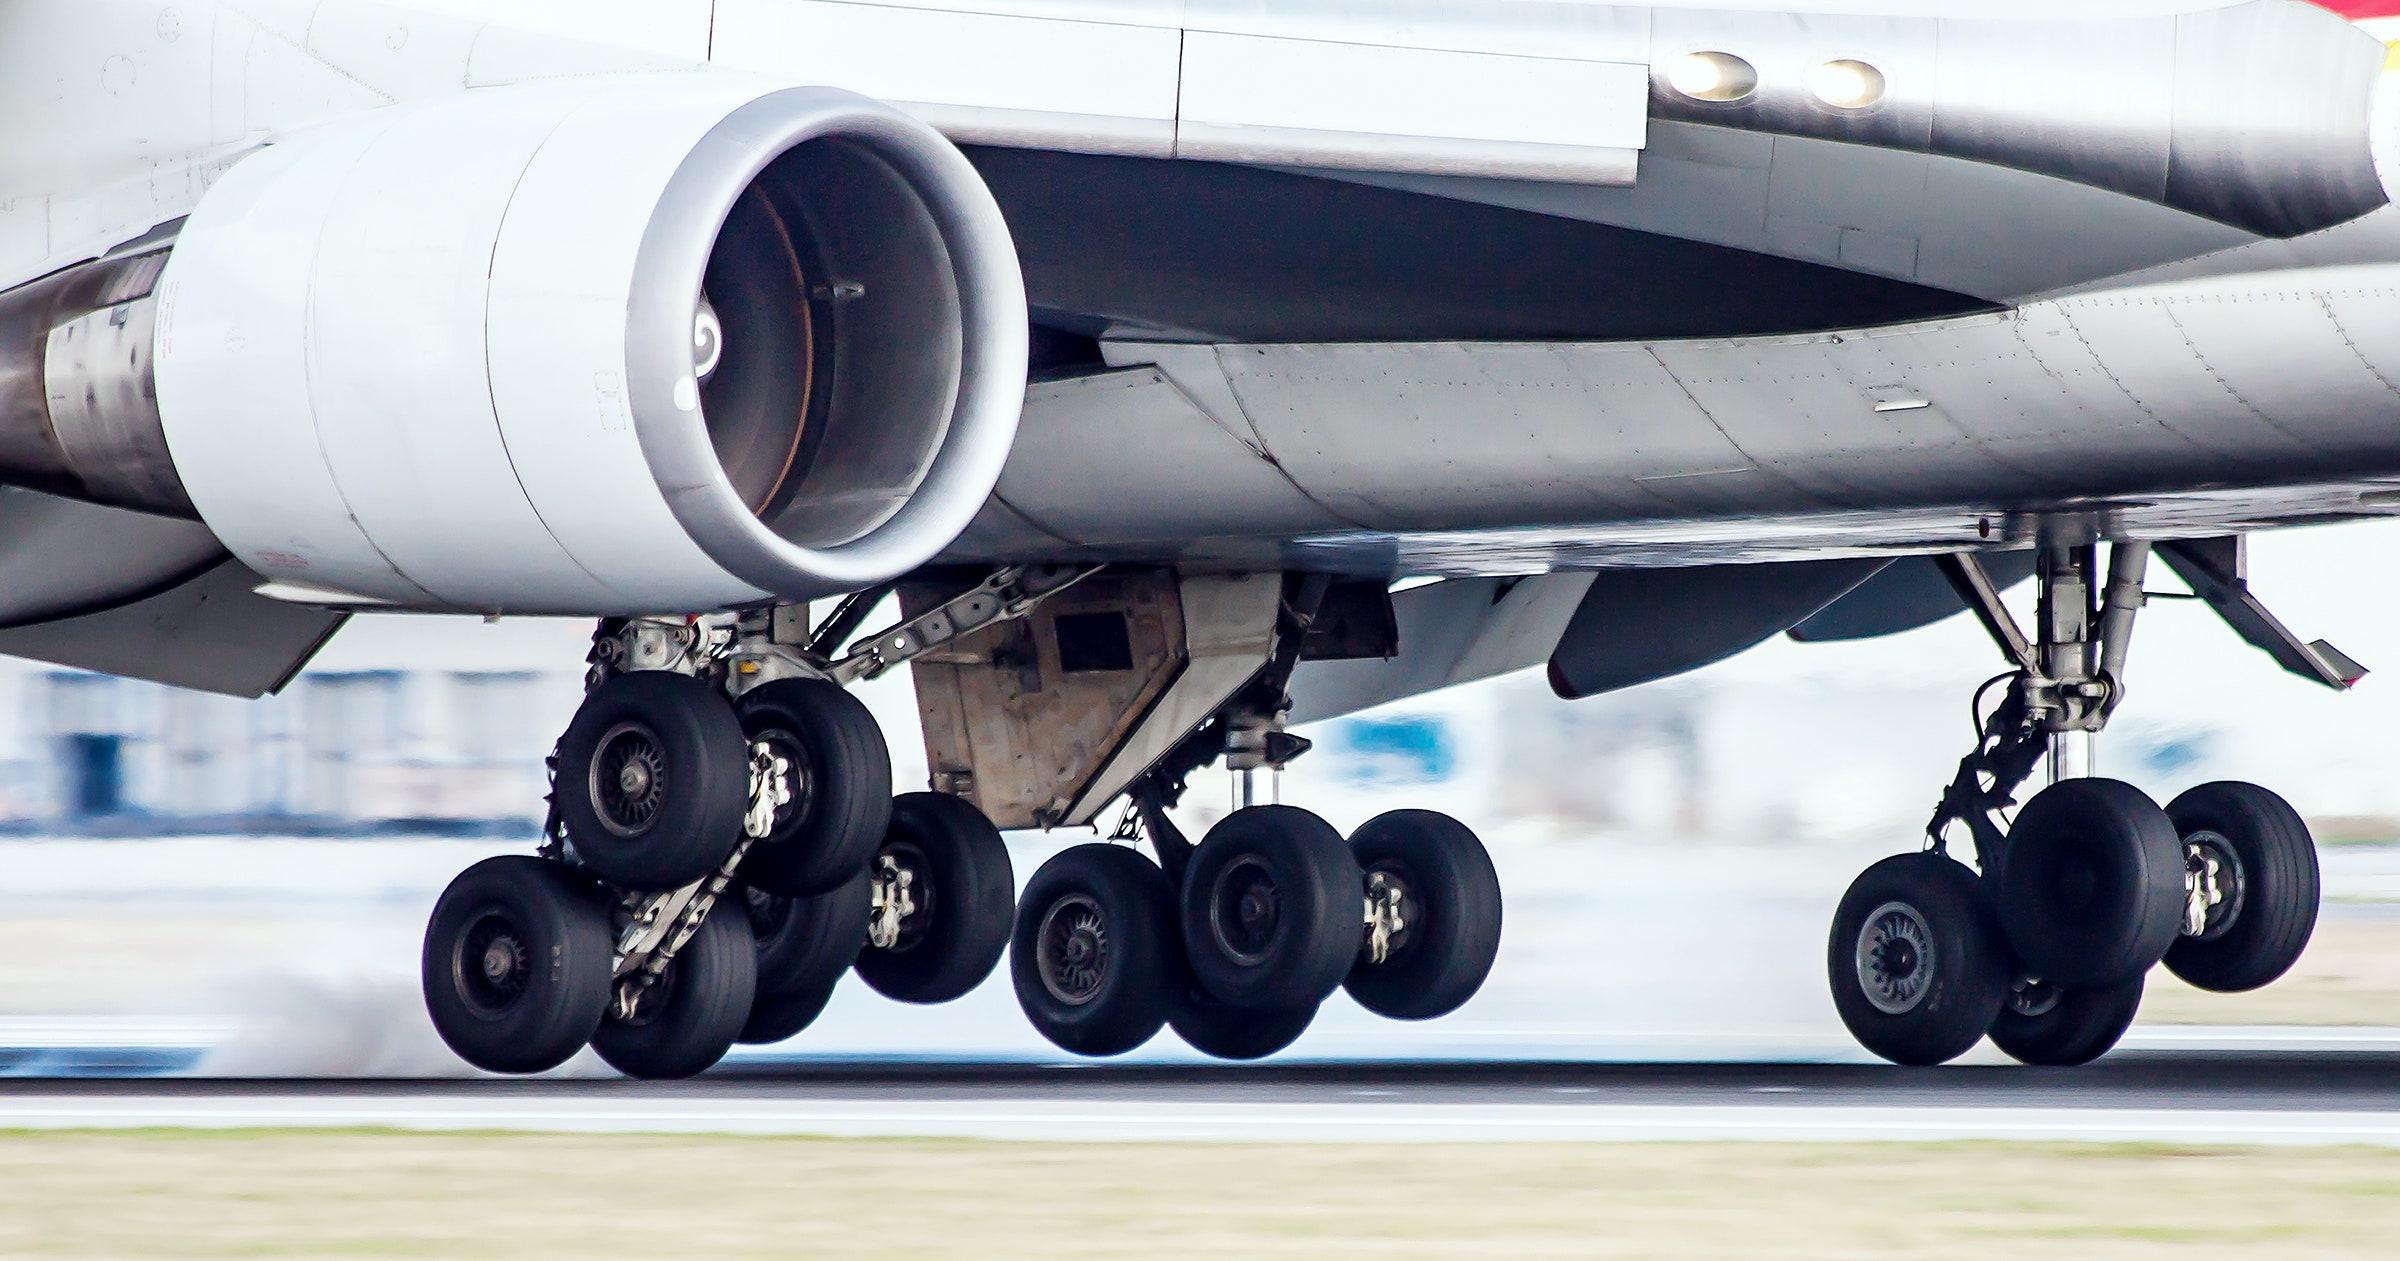 Aircraft Tires Struts